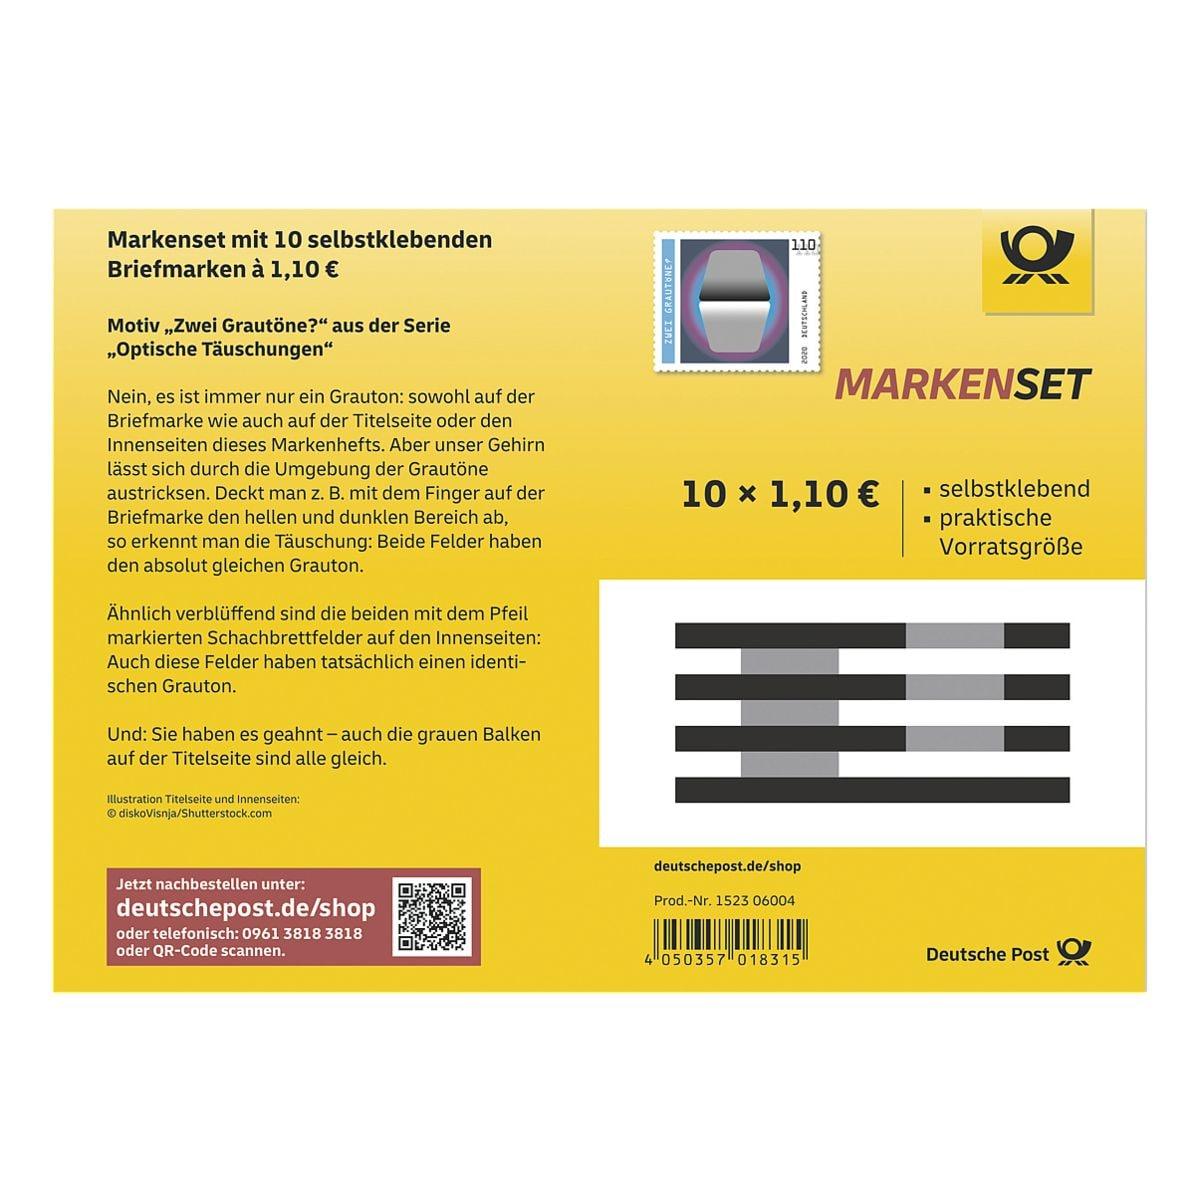 Deutsche Post Markenset Zwei Grautöne?, 10x Briefmarke zu 1,10 € selbstklebend